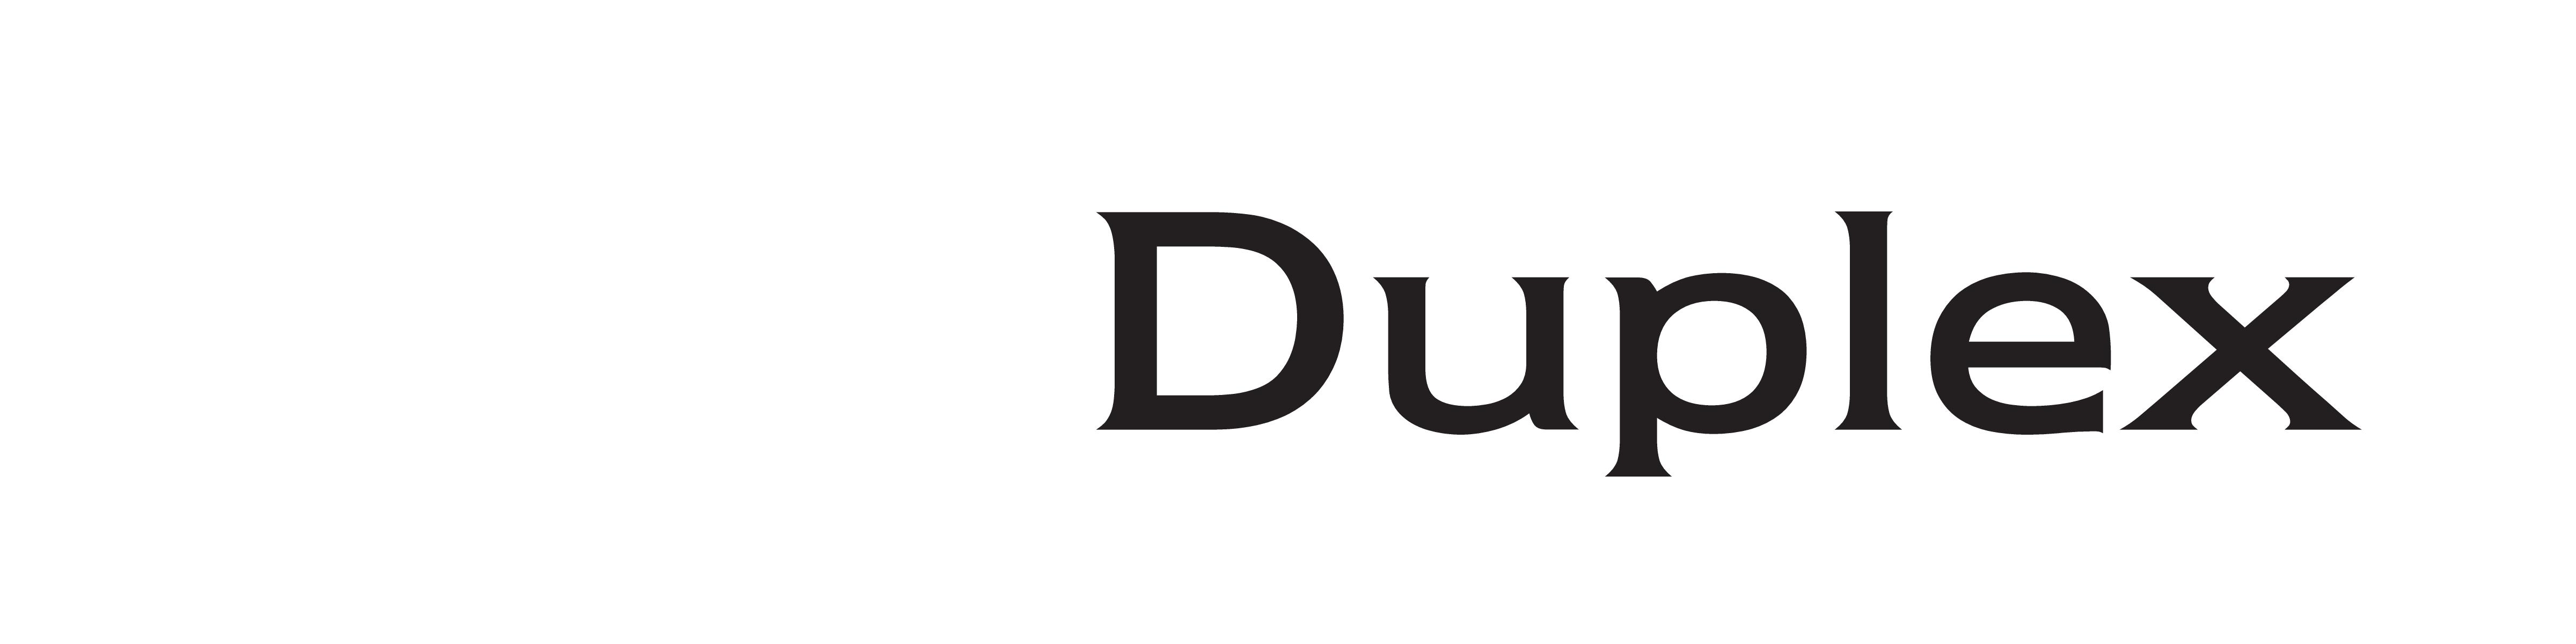 1 | Duplex